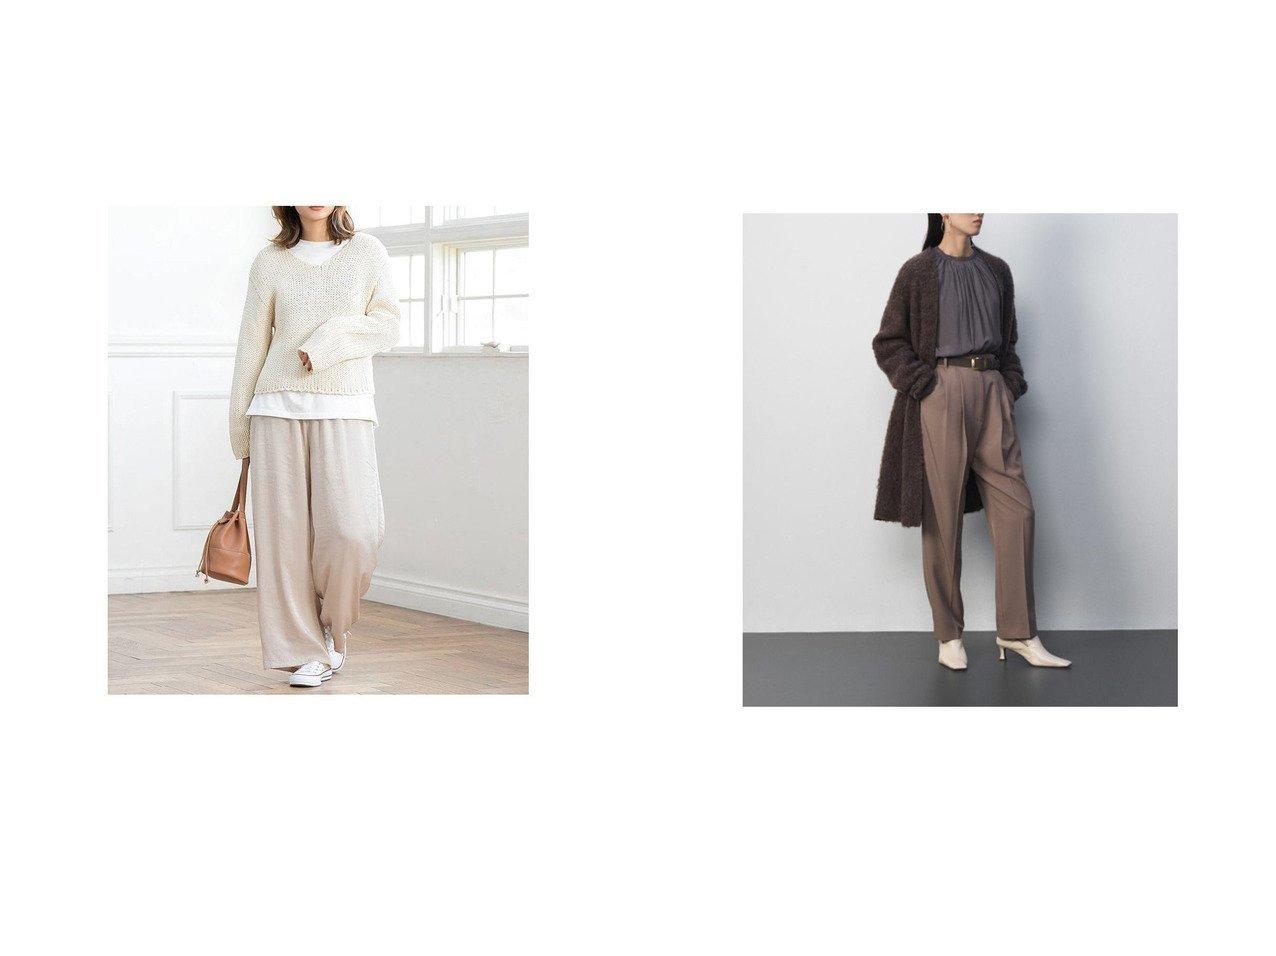 【fifth/フィフス】のヴィンテージサテンワイドパンツ&【Mila Owen/ミラオーウェン】の後ゴム2タックテーパードパンツ パンツのおすすめ!人気トレンド・レディースファッションの通販 おすすめで人気の流行・トレンド、ファッションの通販商品 メンズファッション・キッズファッション・インテリア・家具・レディースファッション・服の通販 founy(ファニー) https://founy.com/ ファッション Fashion レディースファッション WOMEN パンツ Pants スマート リラックス ワイド センター |ID:crp329100000008960